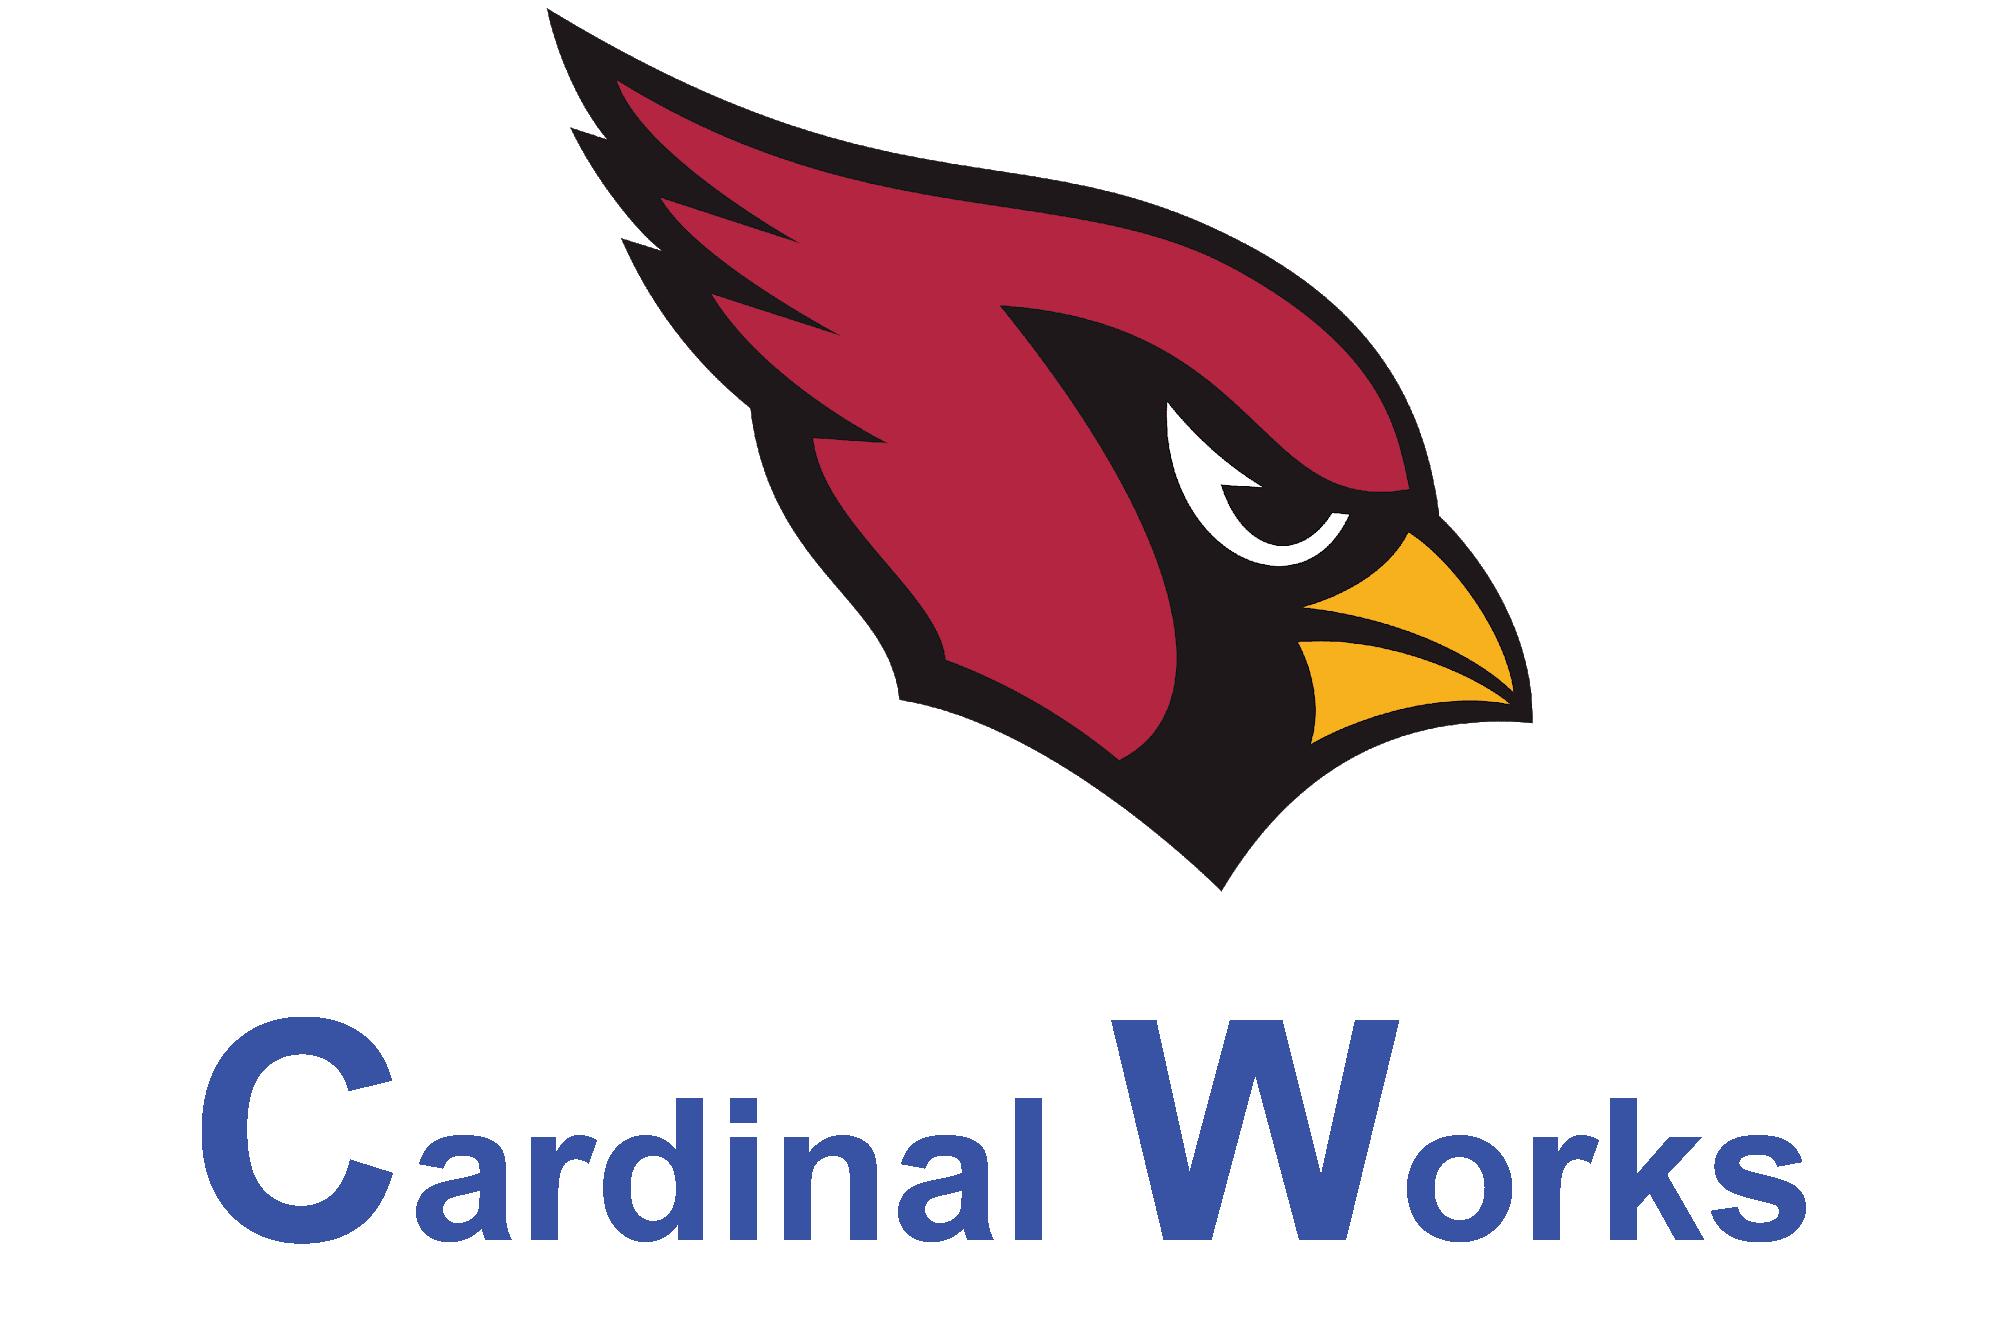 Cardinal Works